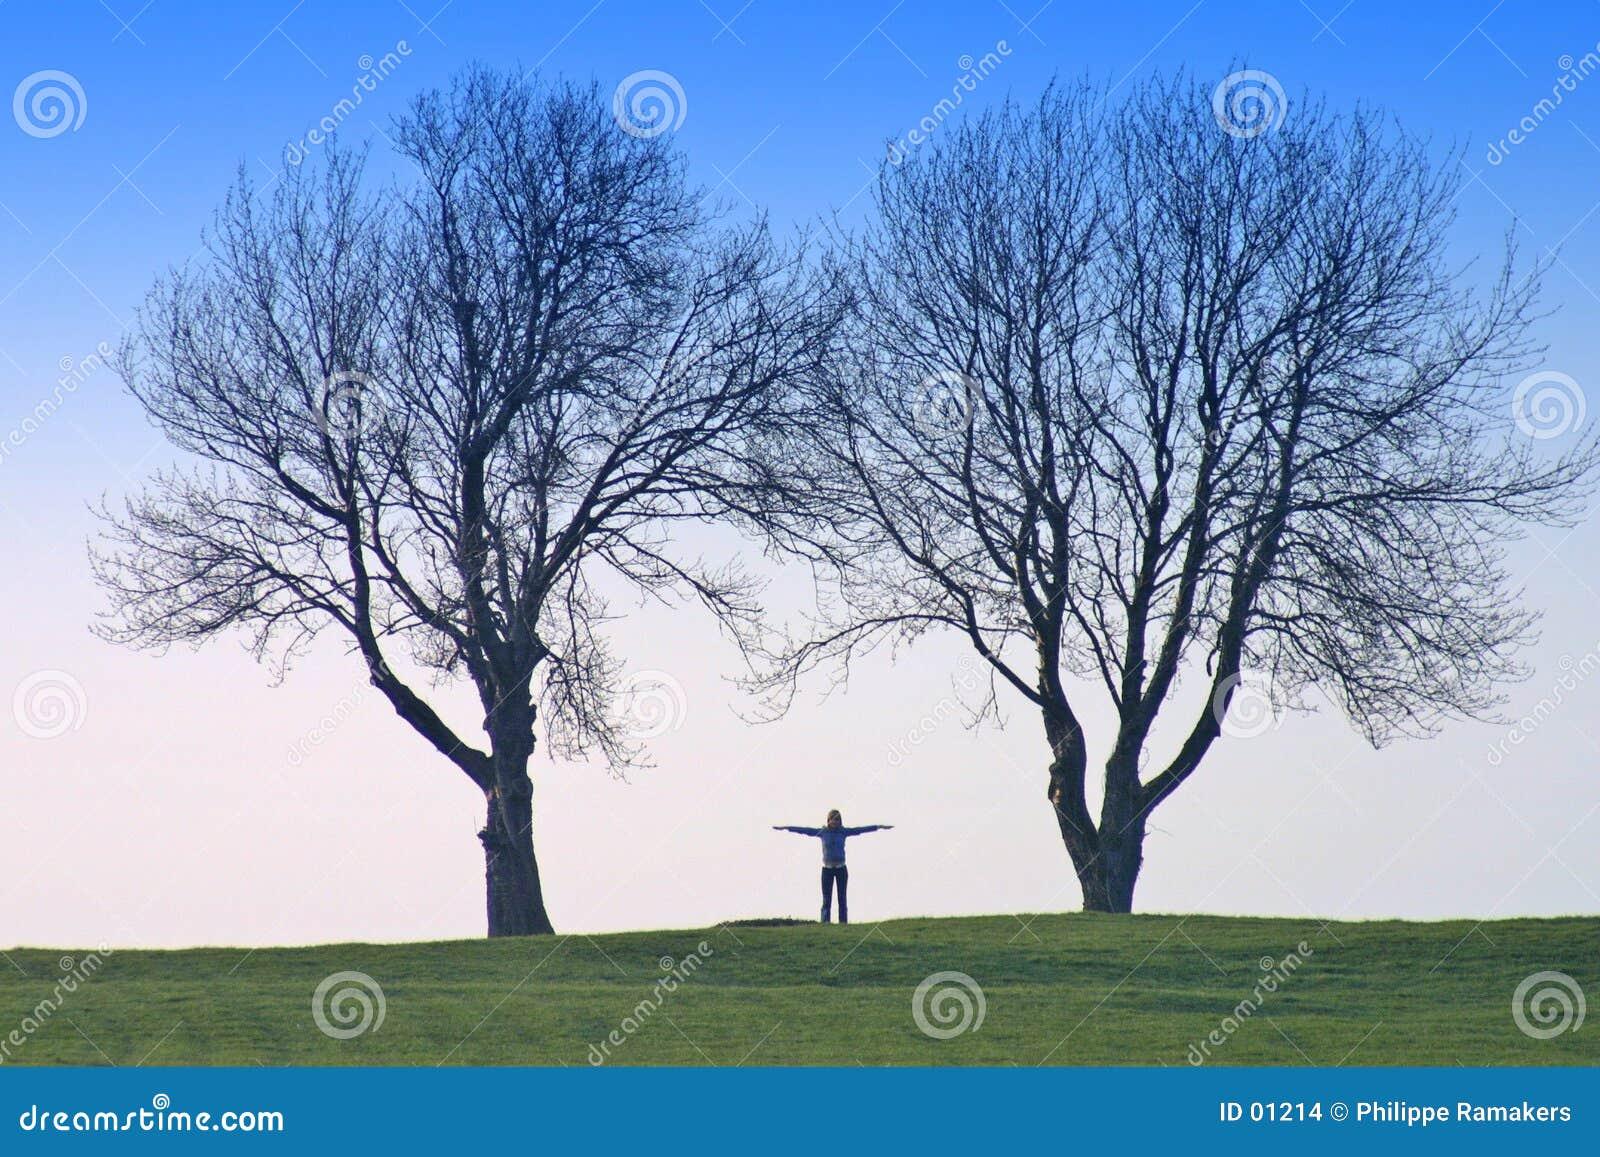 Dimensión de una variable humana y árboles